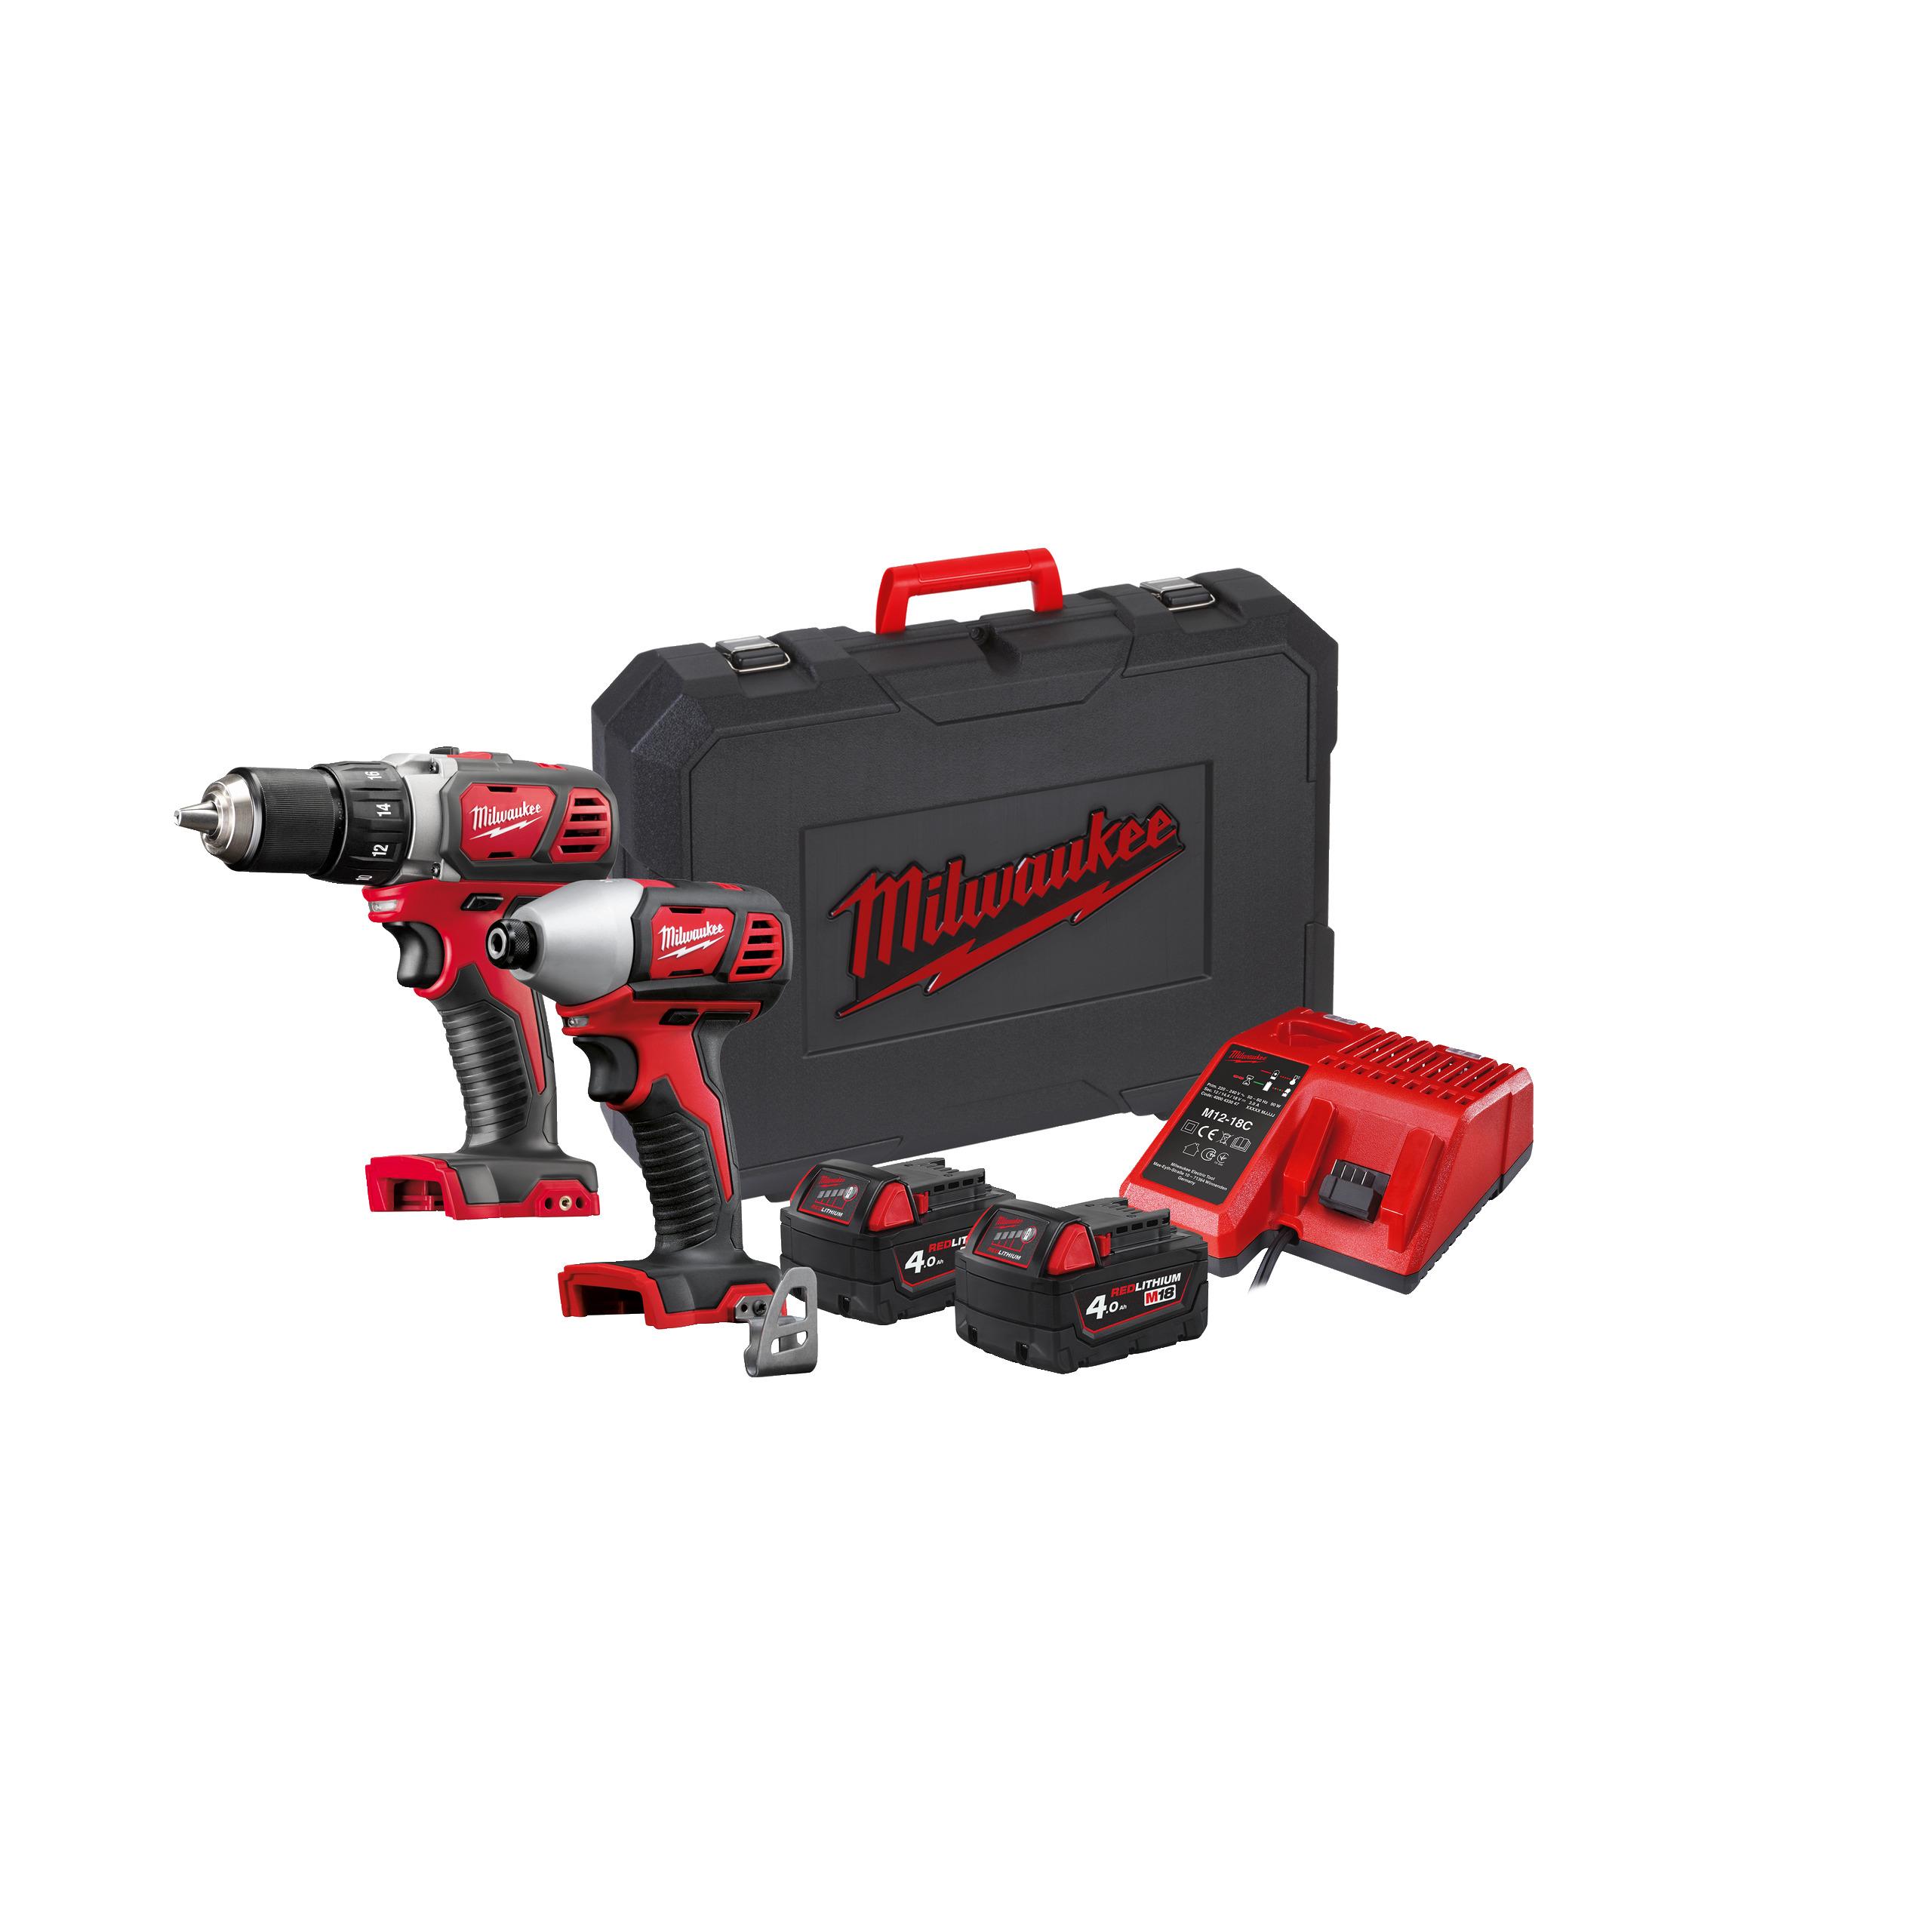 M18™ powerpack